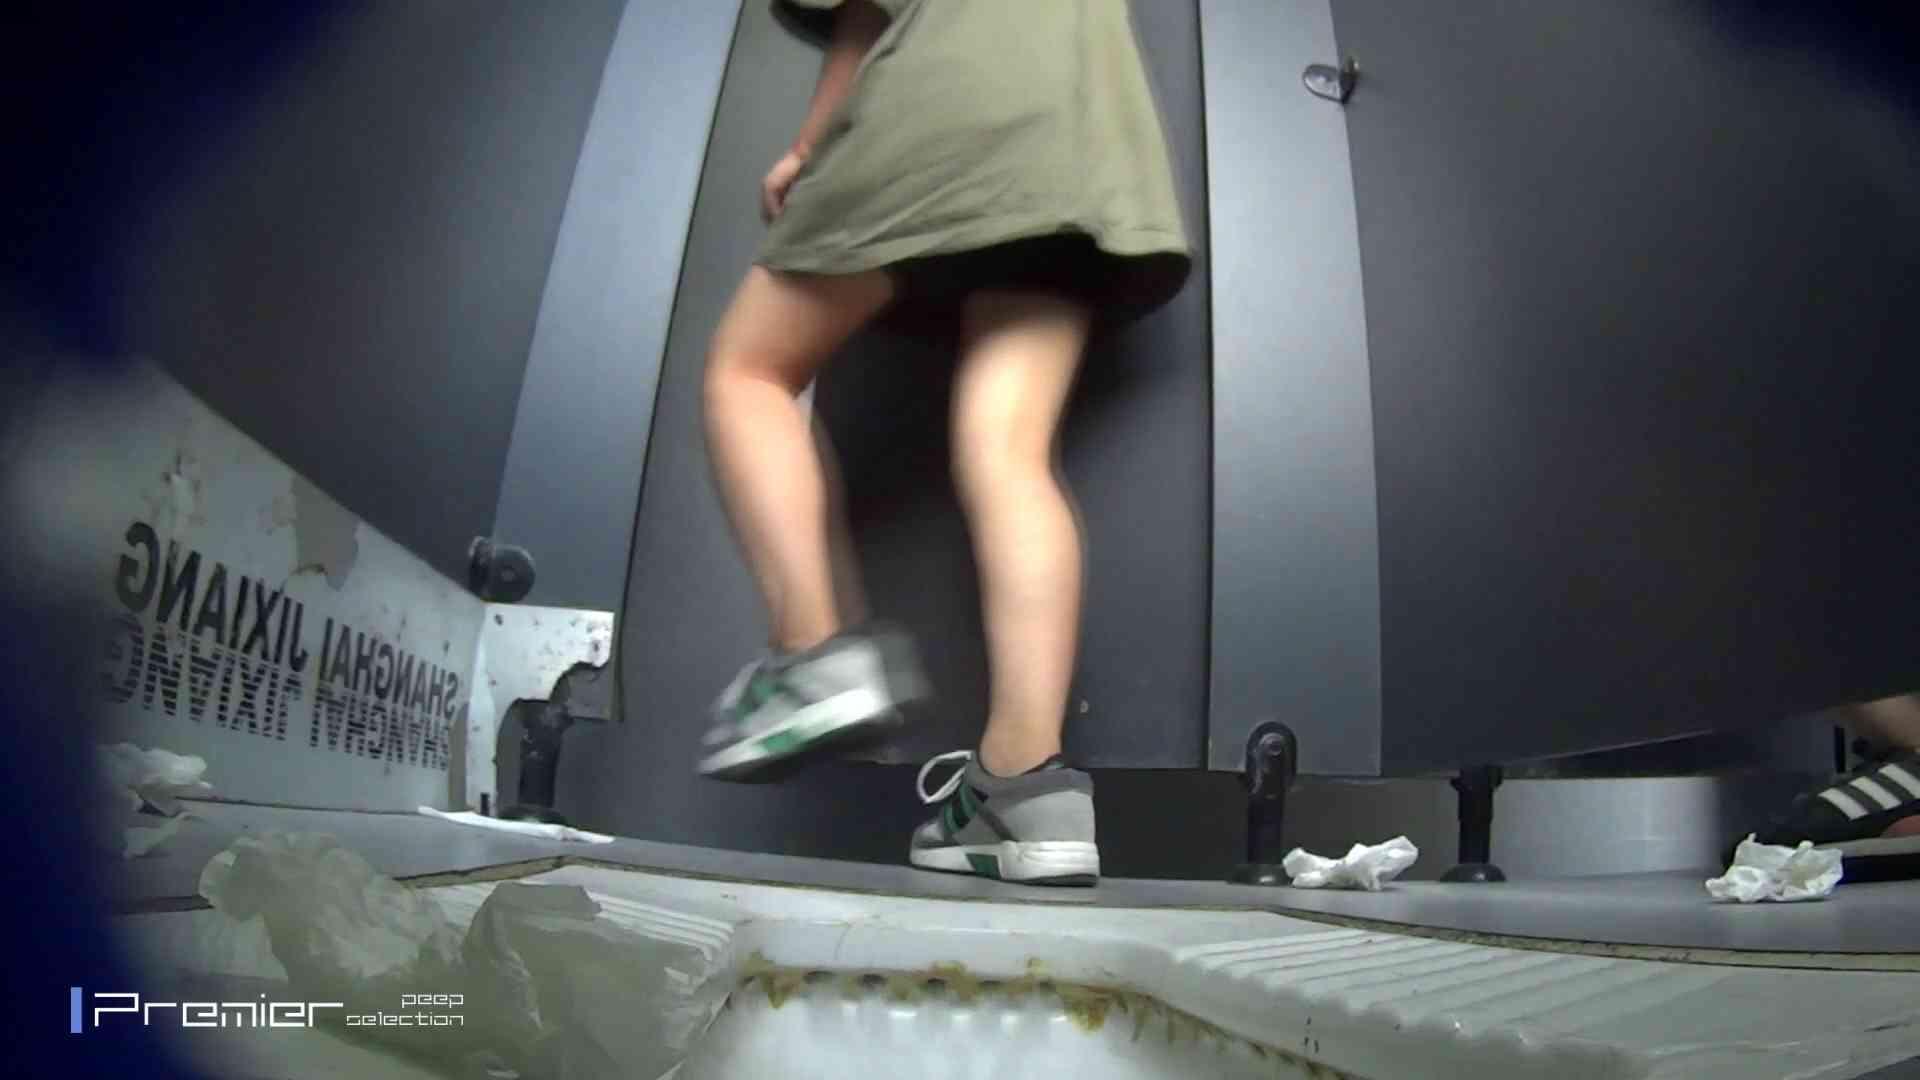 スキニージーンズの美女 大学休憩時間の洗面所事情56 美女 ワレメ動画紹介 106枚 59